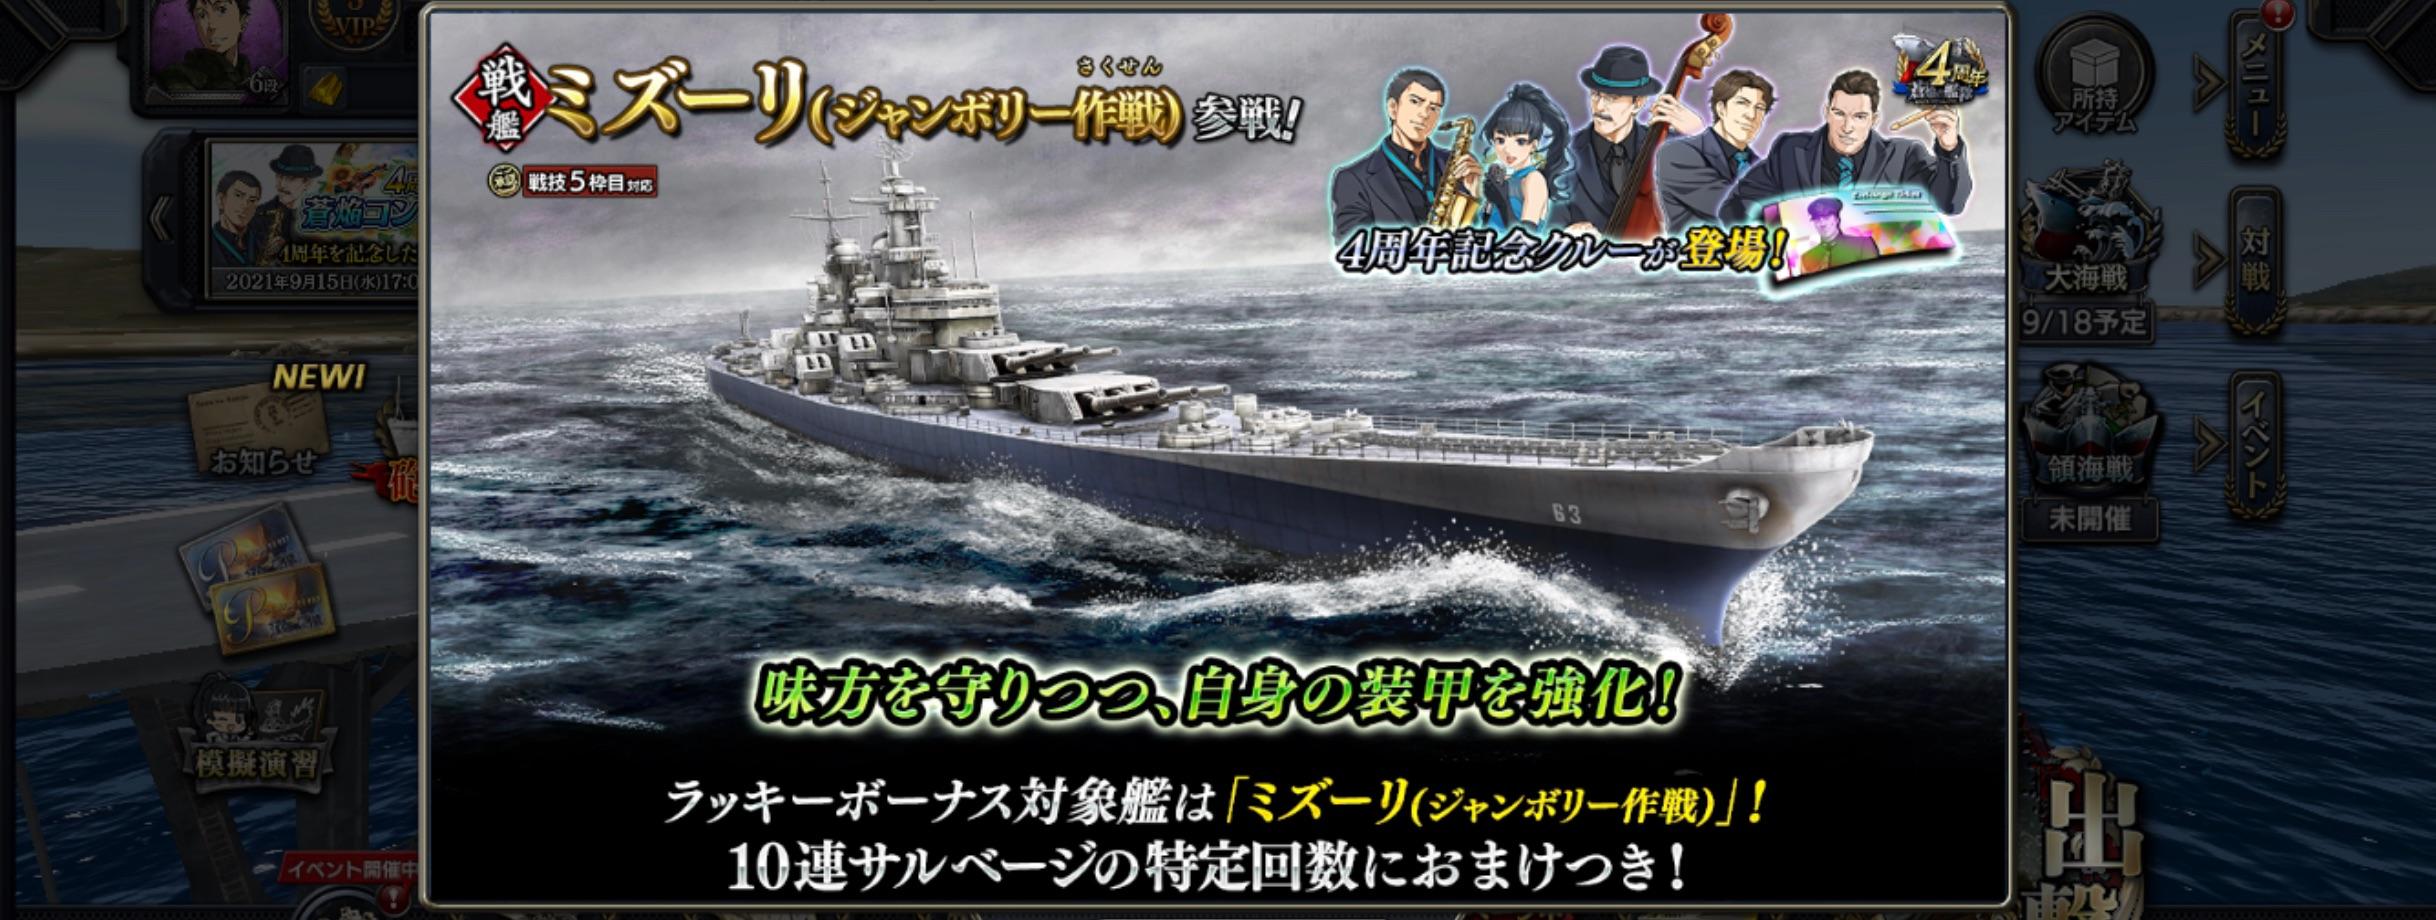 battleship-MissouriJ